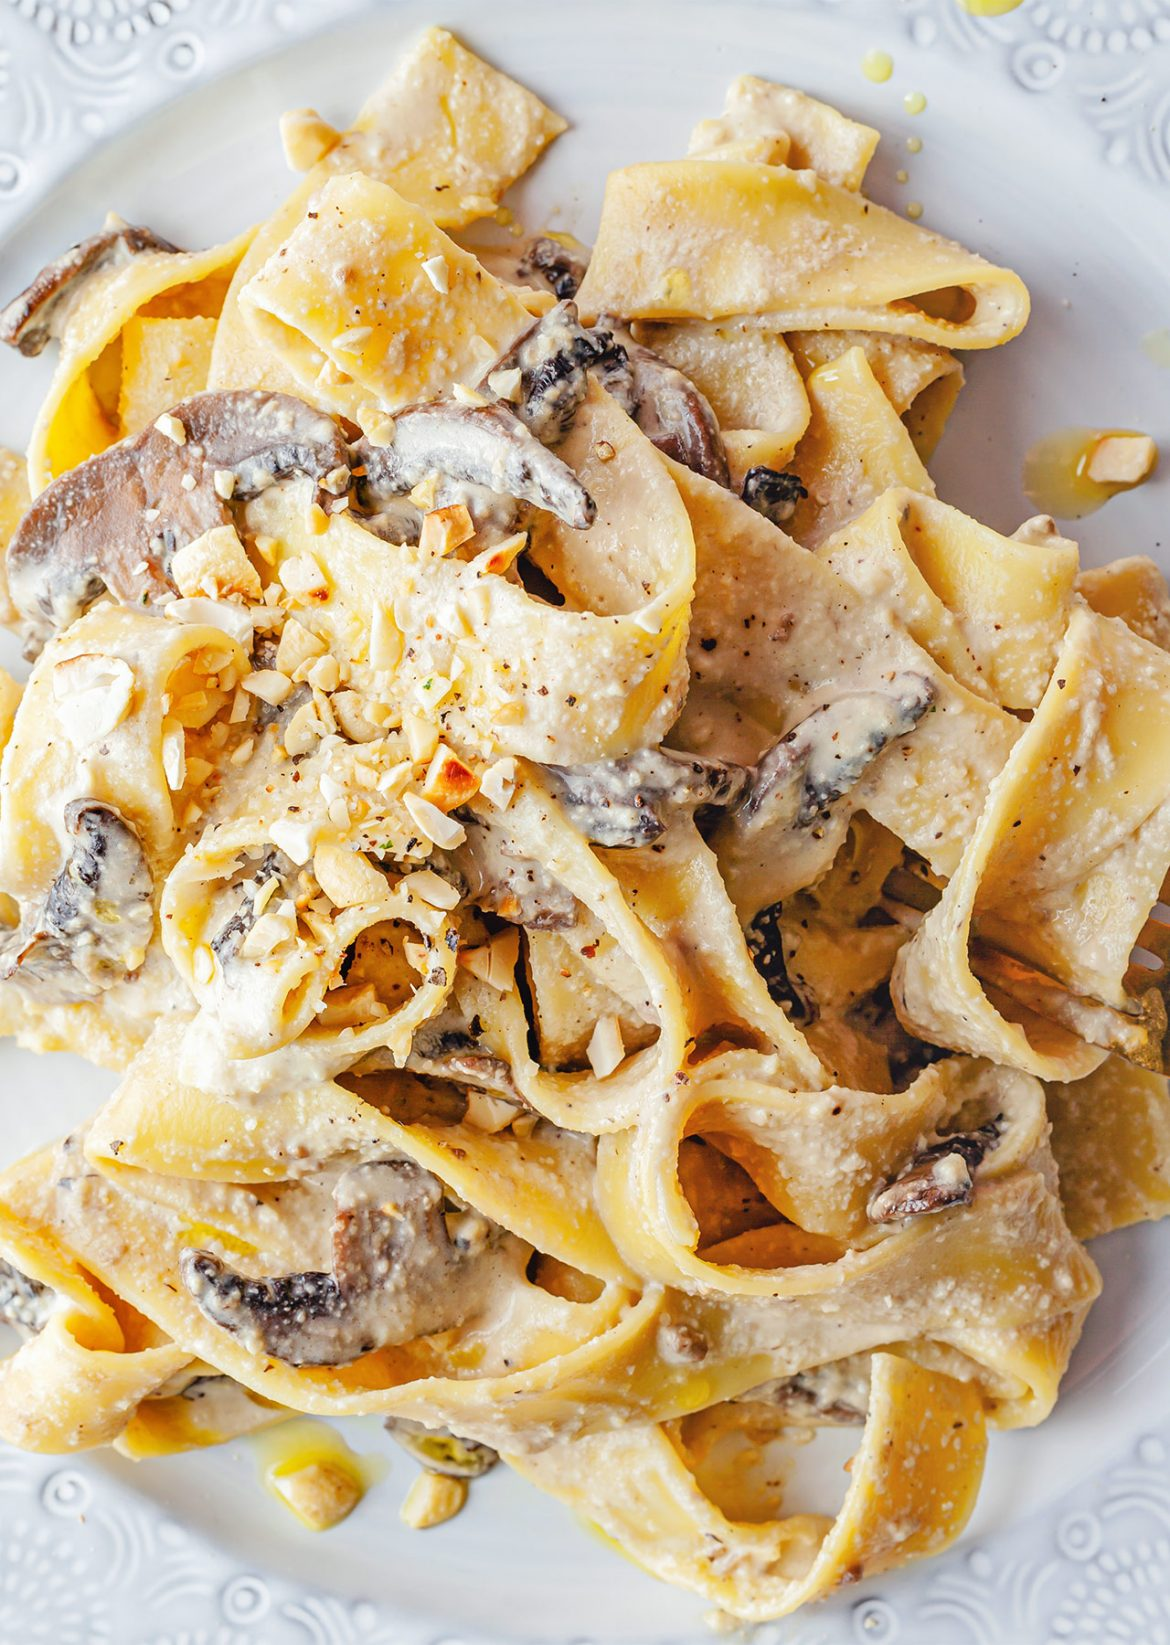 Vegan 5 Ingredient Creamy Mushroom Pasta Recipe